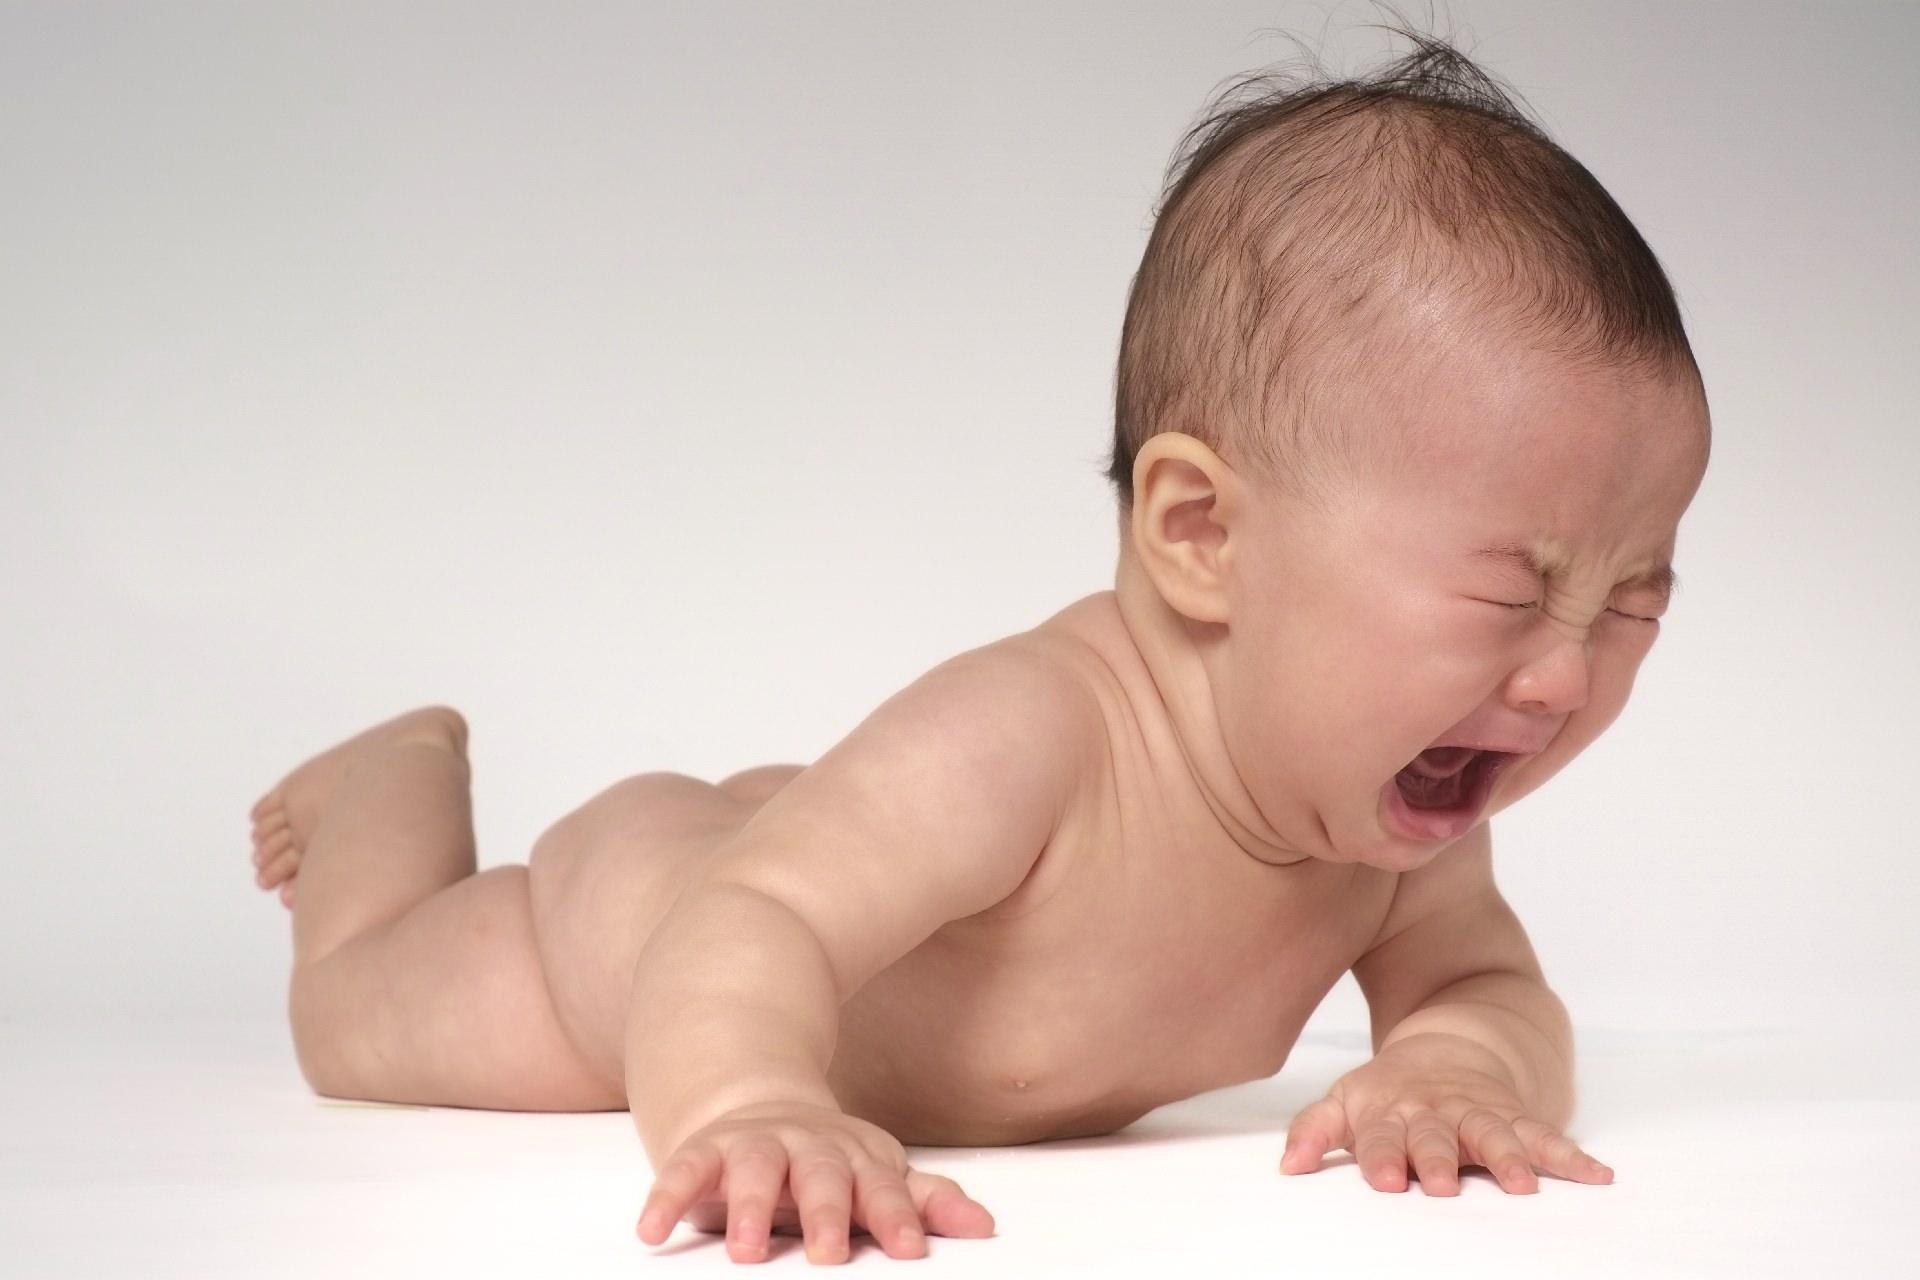 予防接種の痛みで大泣きする赤ちゃん